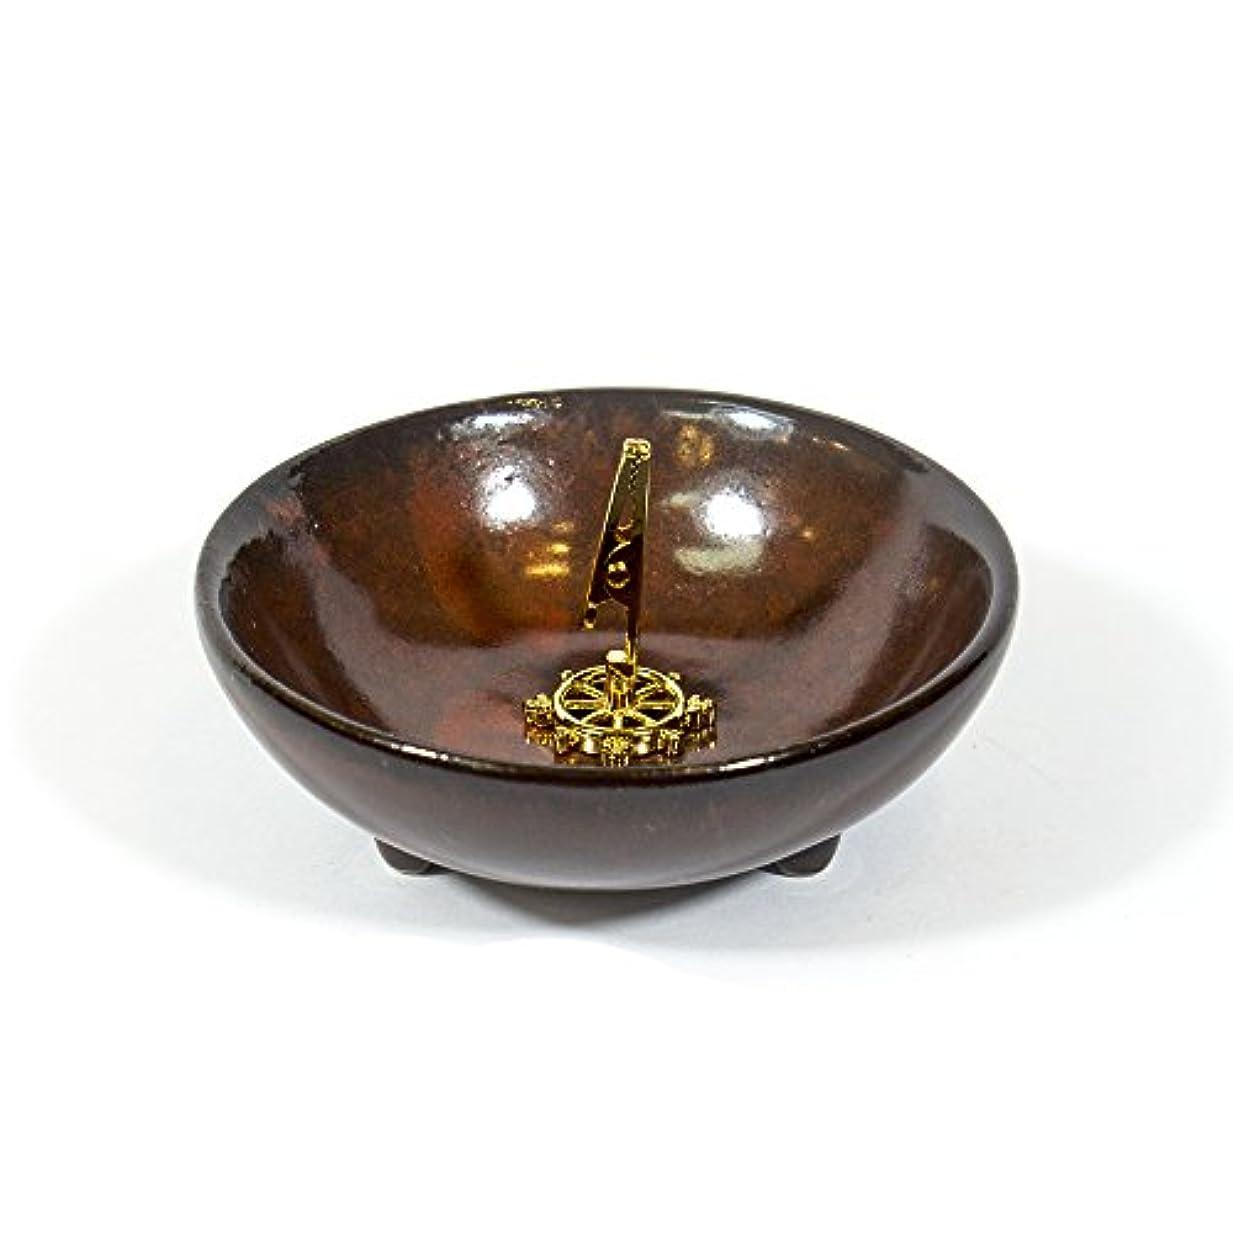 聡明ゴルフ高原(DarkRed) - Incense Holder for Coils Sticks Cones Ceramic Holder Dark Red Type